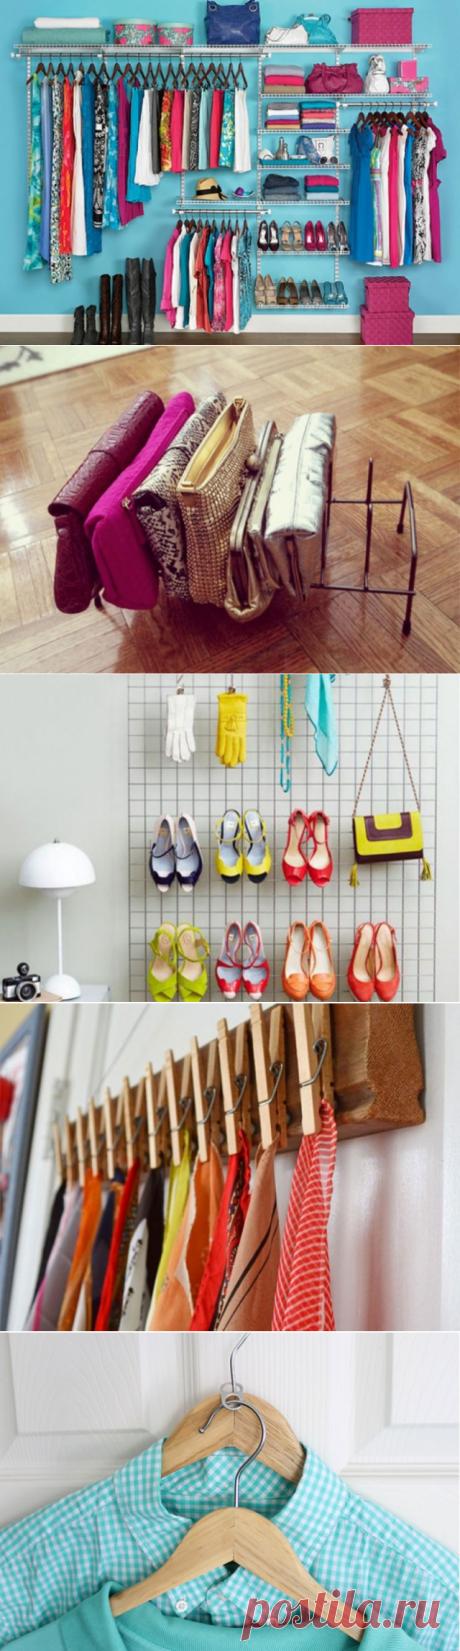 Наводим порядок в шкафу: пошаговая организация вещей — Полезные советы